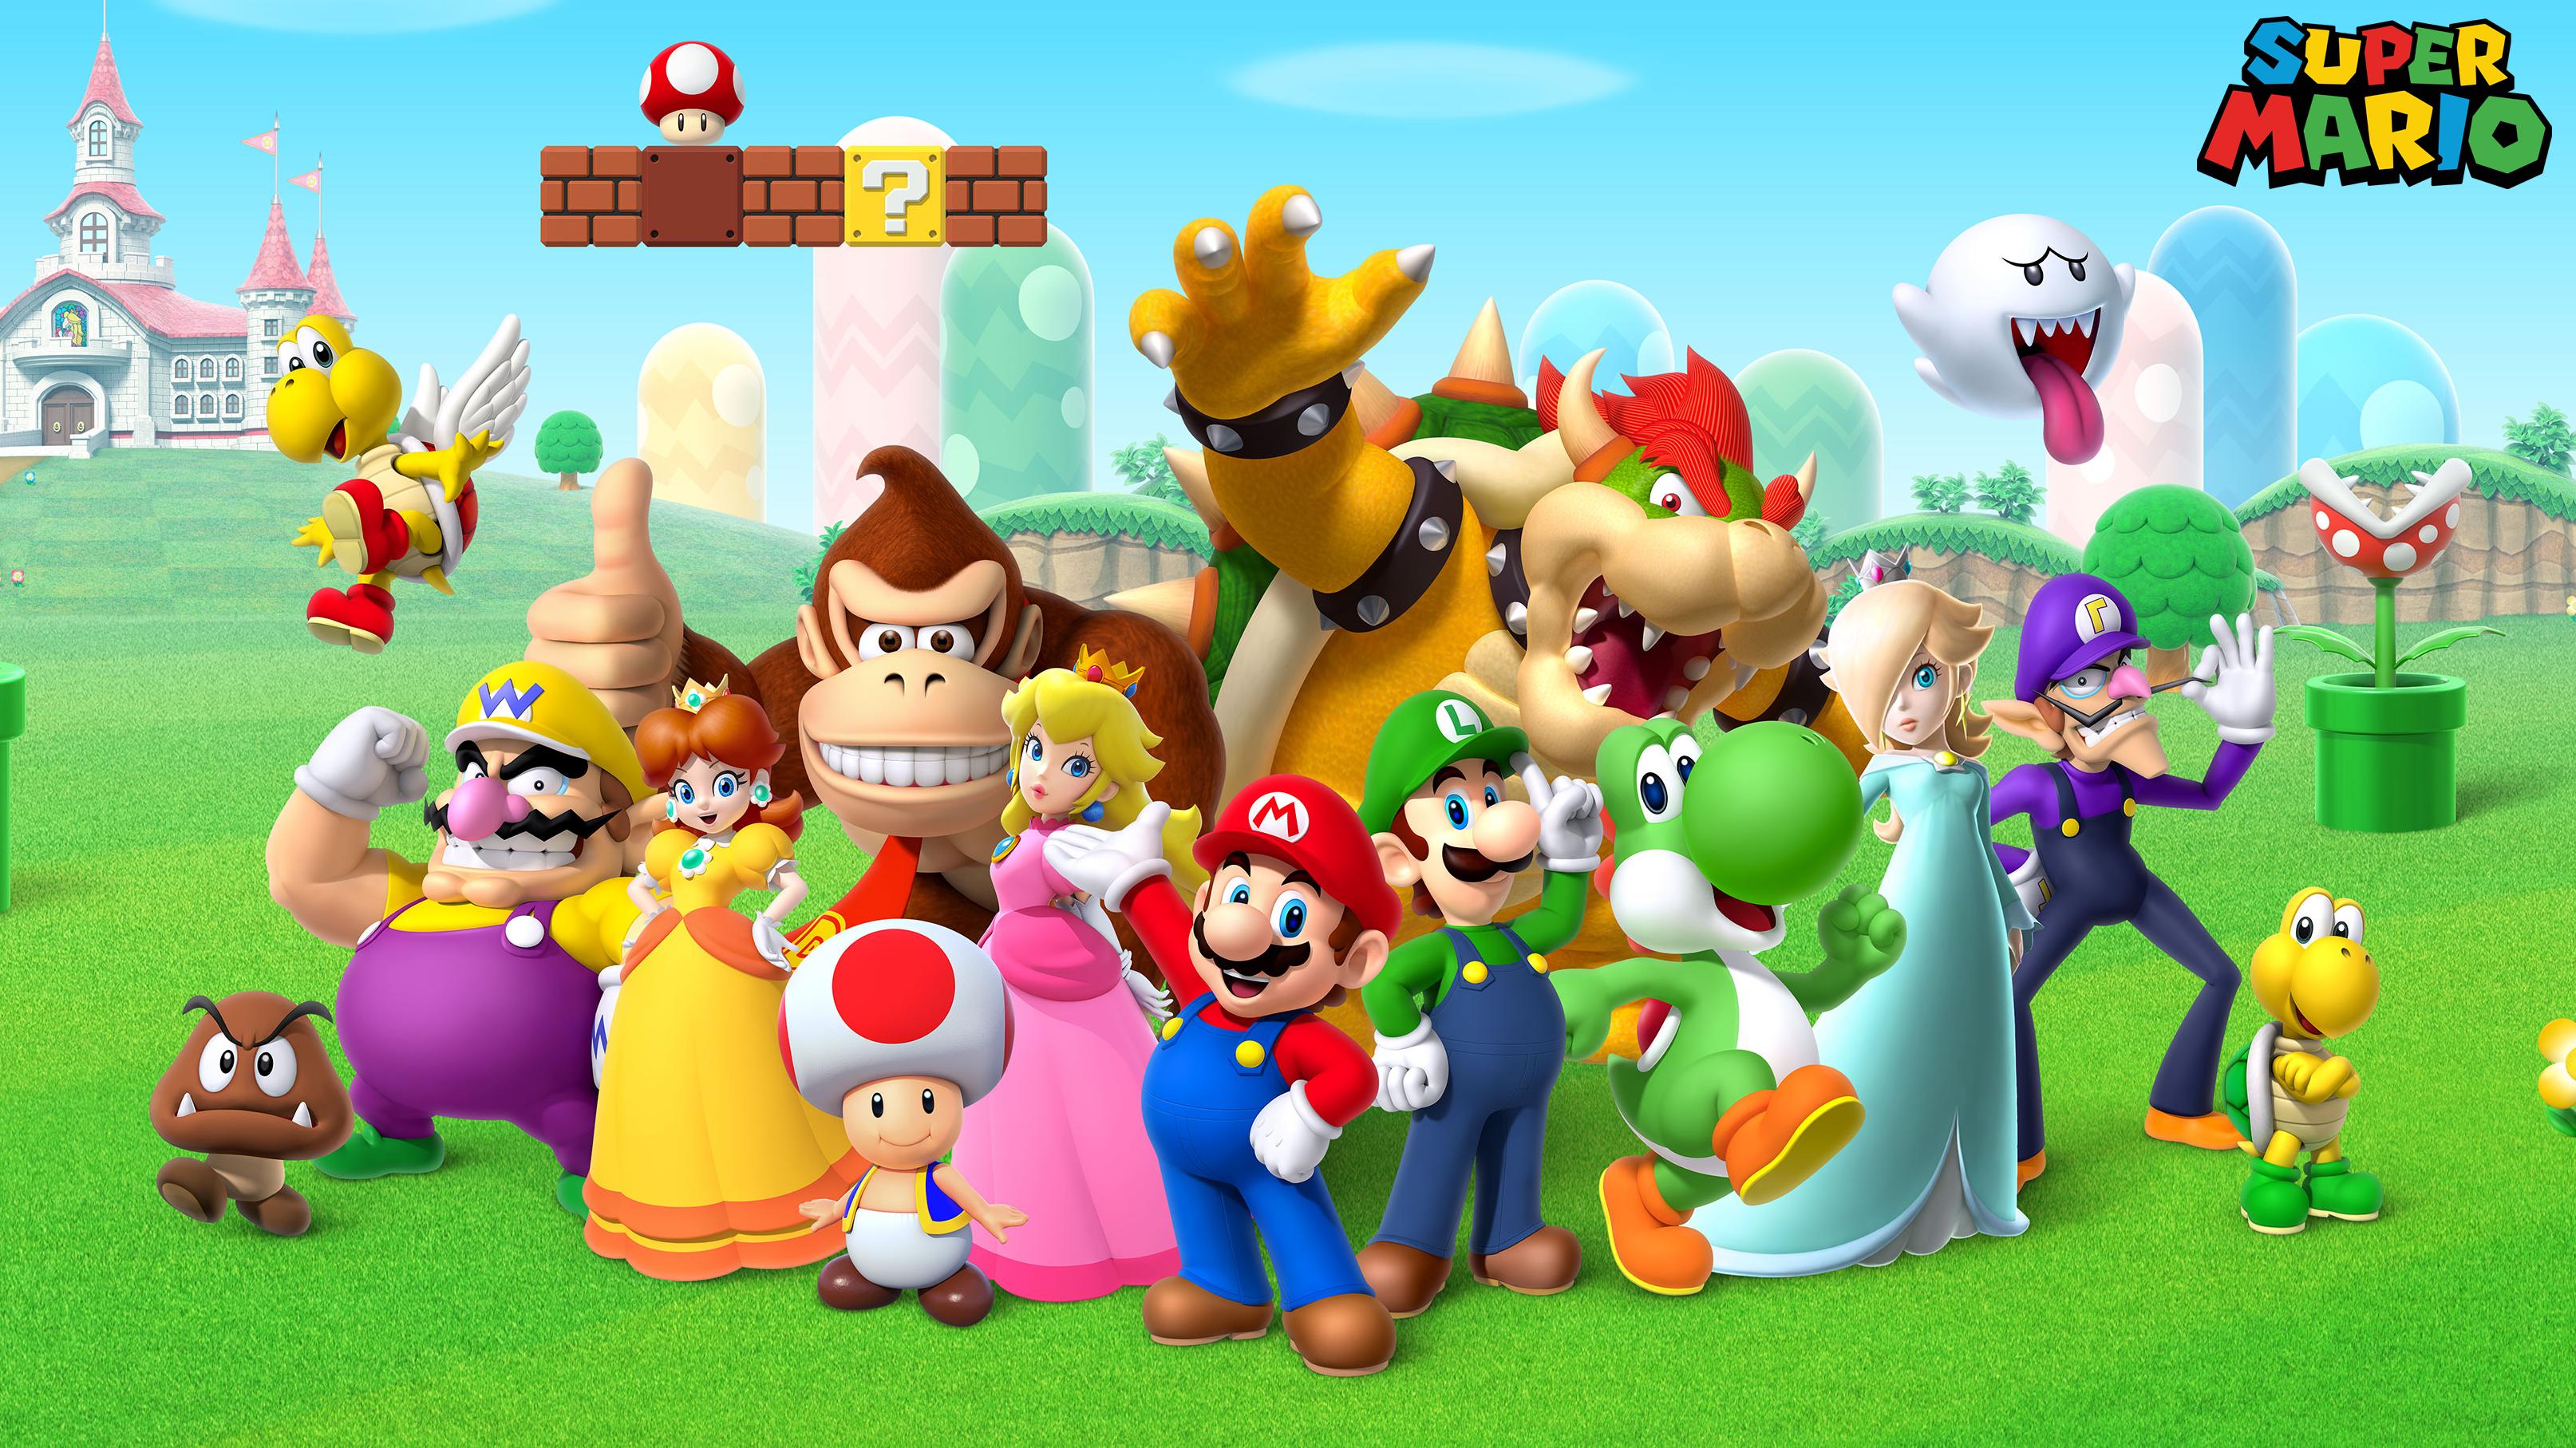 Super Mario Goomba Wario Koopa Daisy Donkey Kong Toad